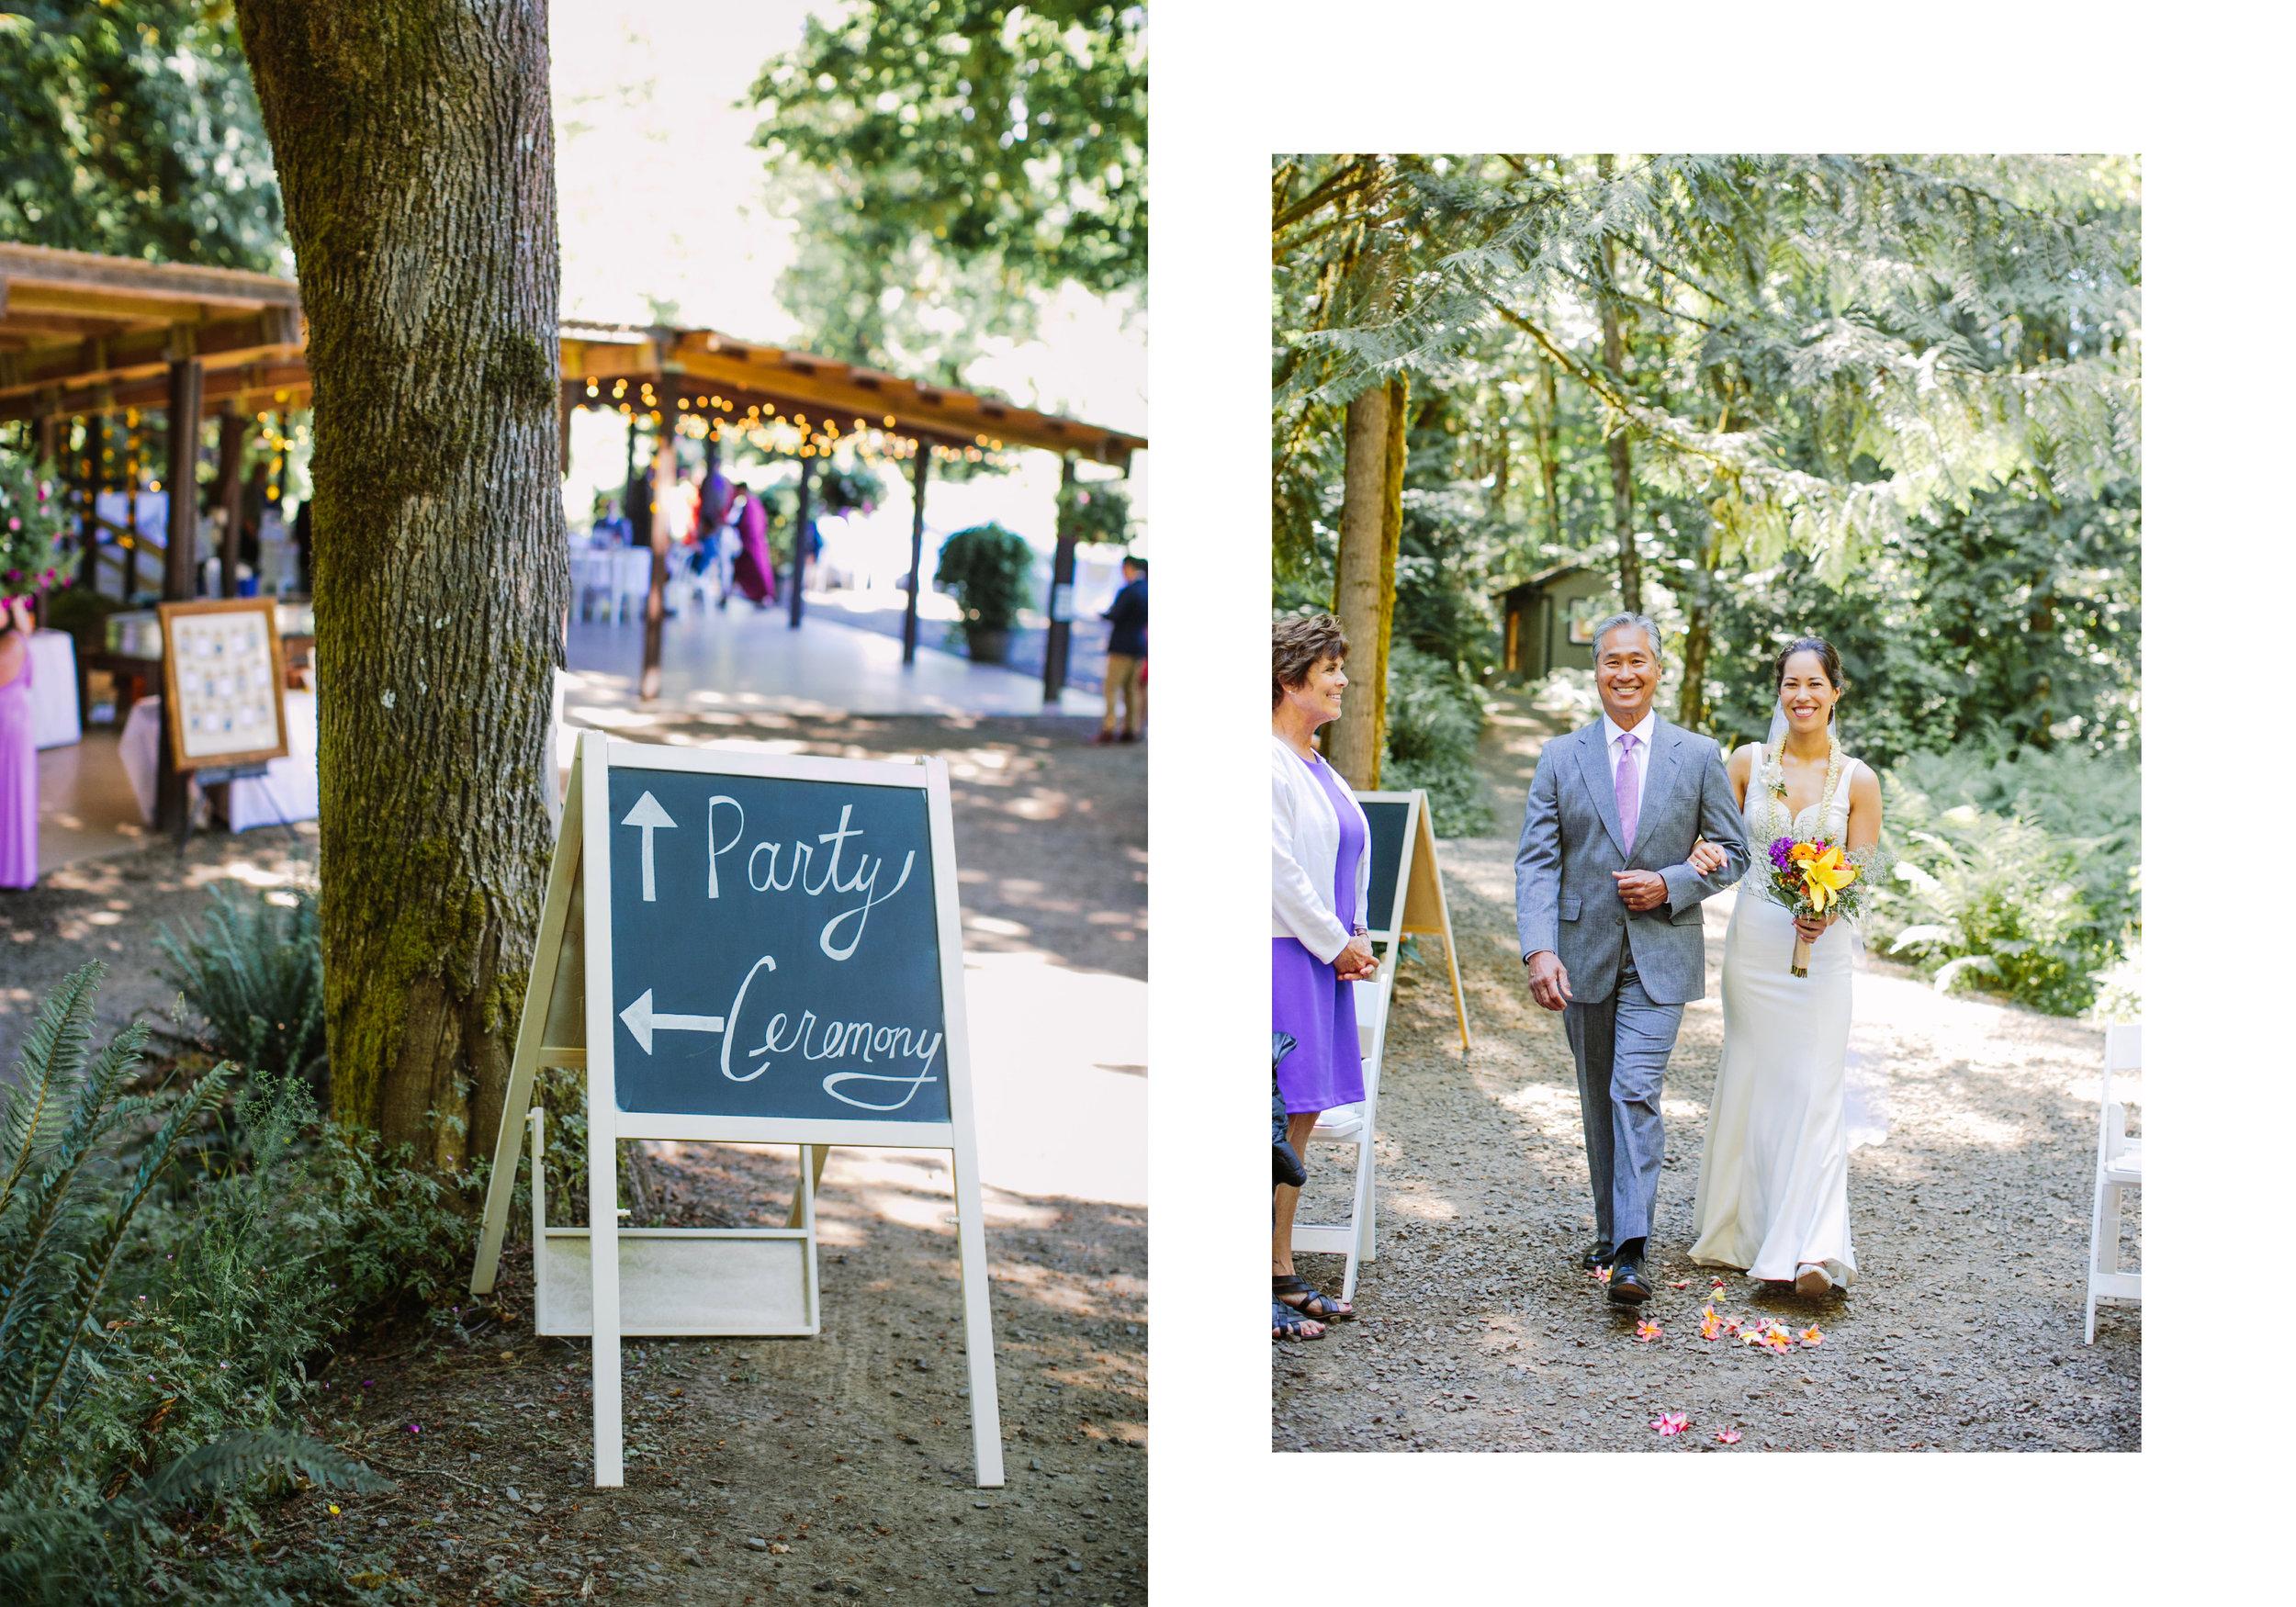 horningshideout-wedding-portland-oregon-ashley-courter-photographer0038.JPG